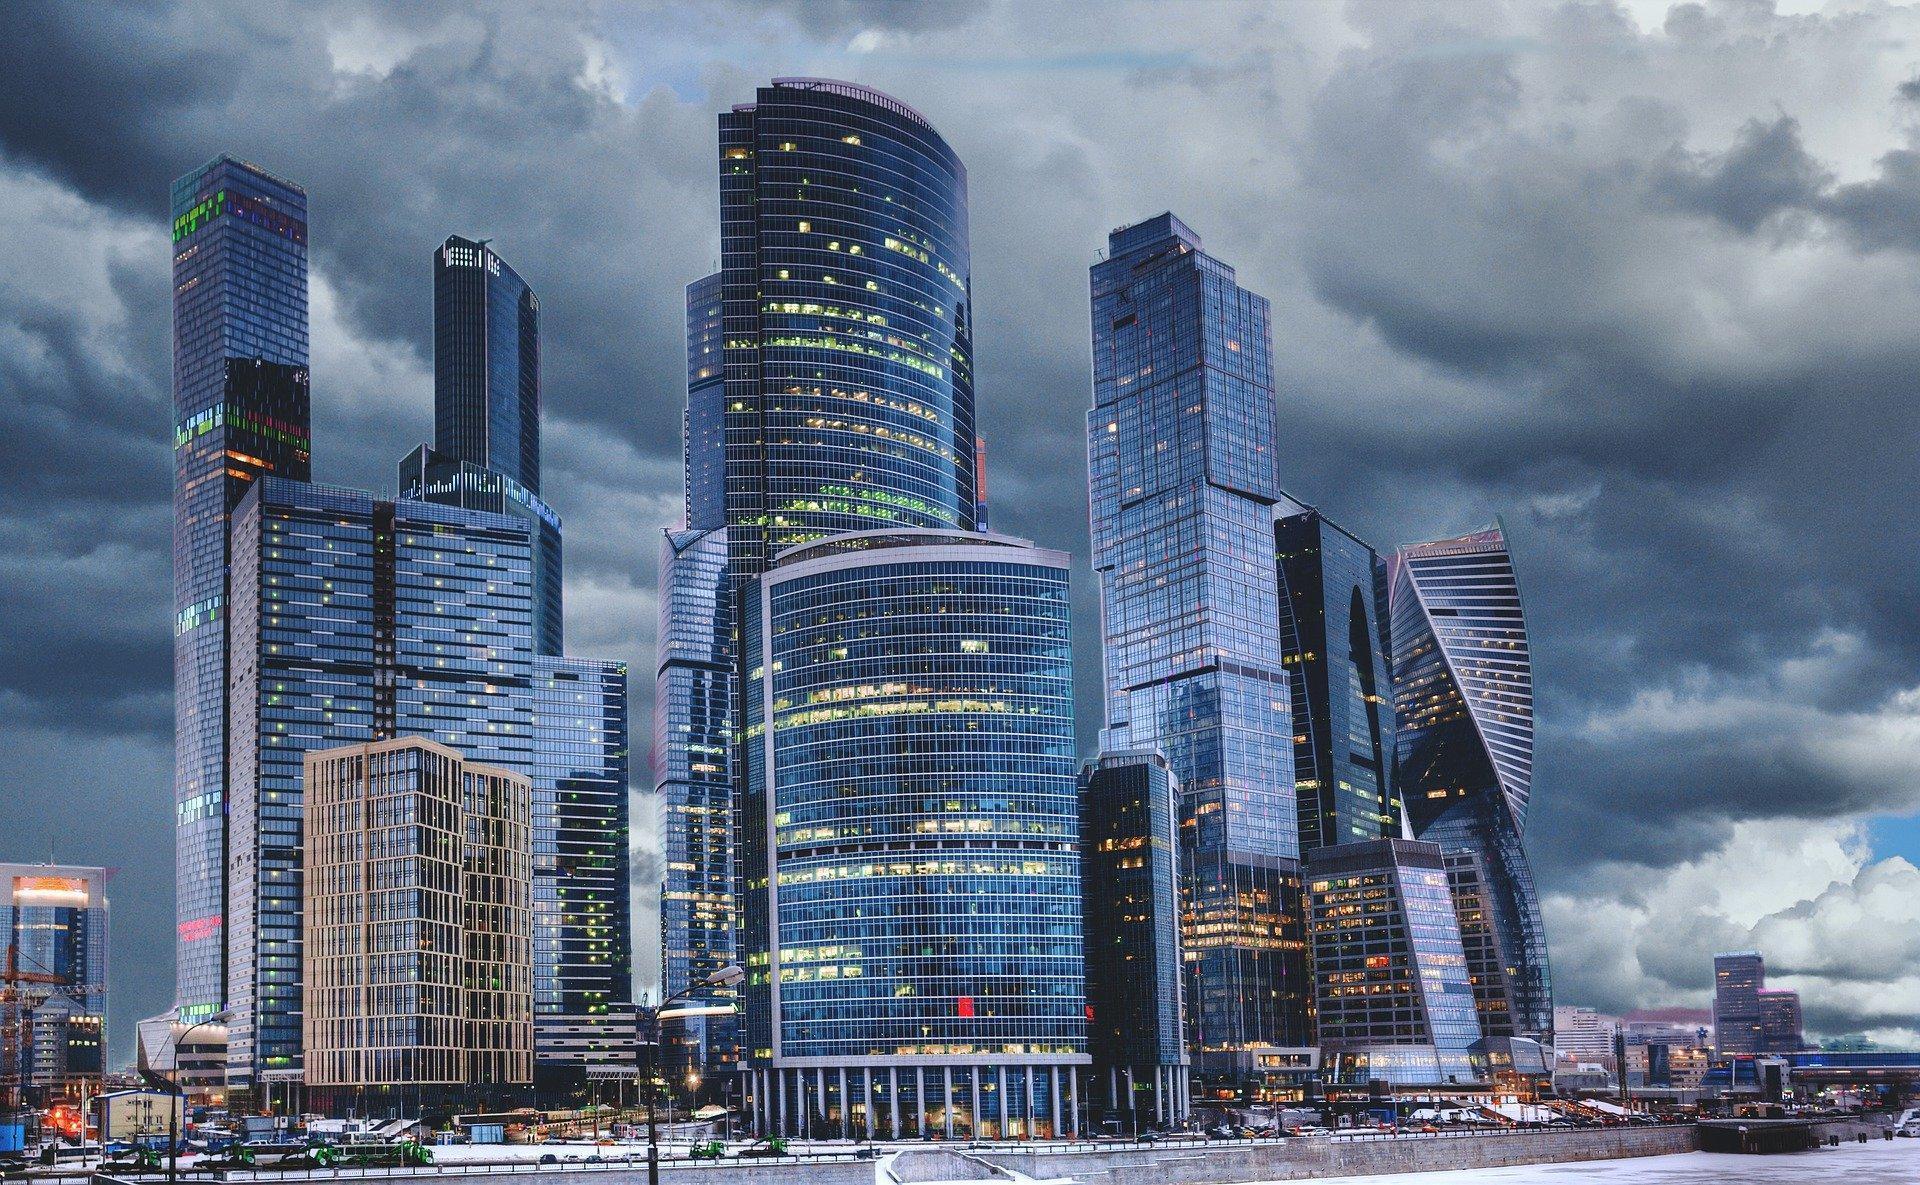 Москвичей предупредили о дожде с градом и сильном ветре